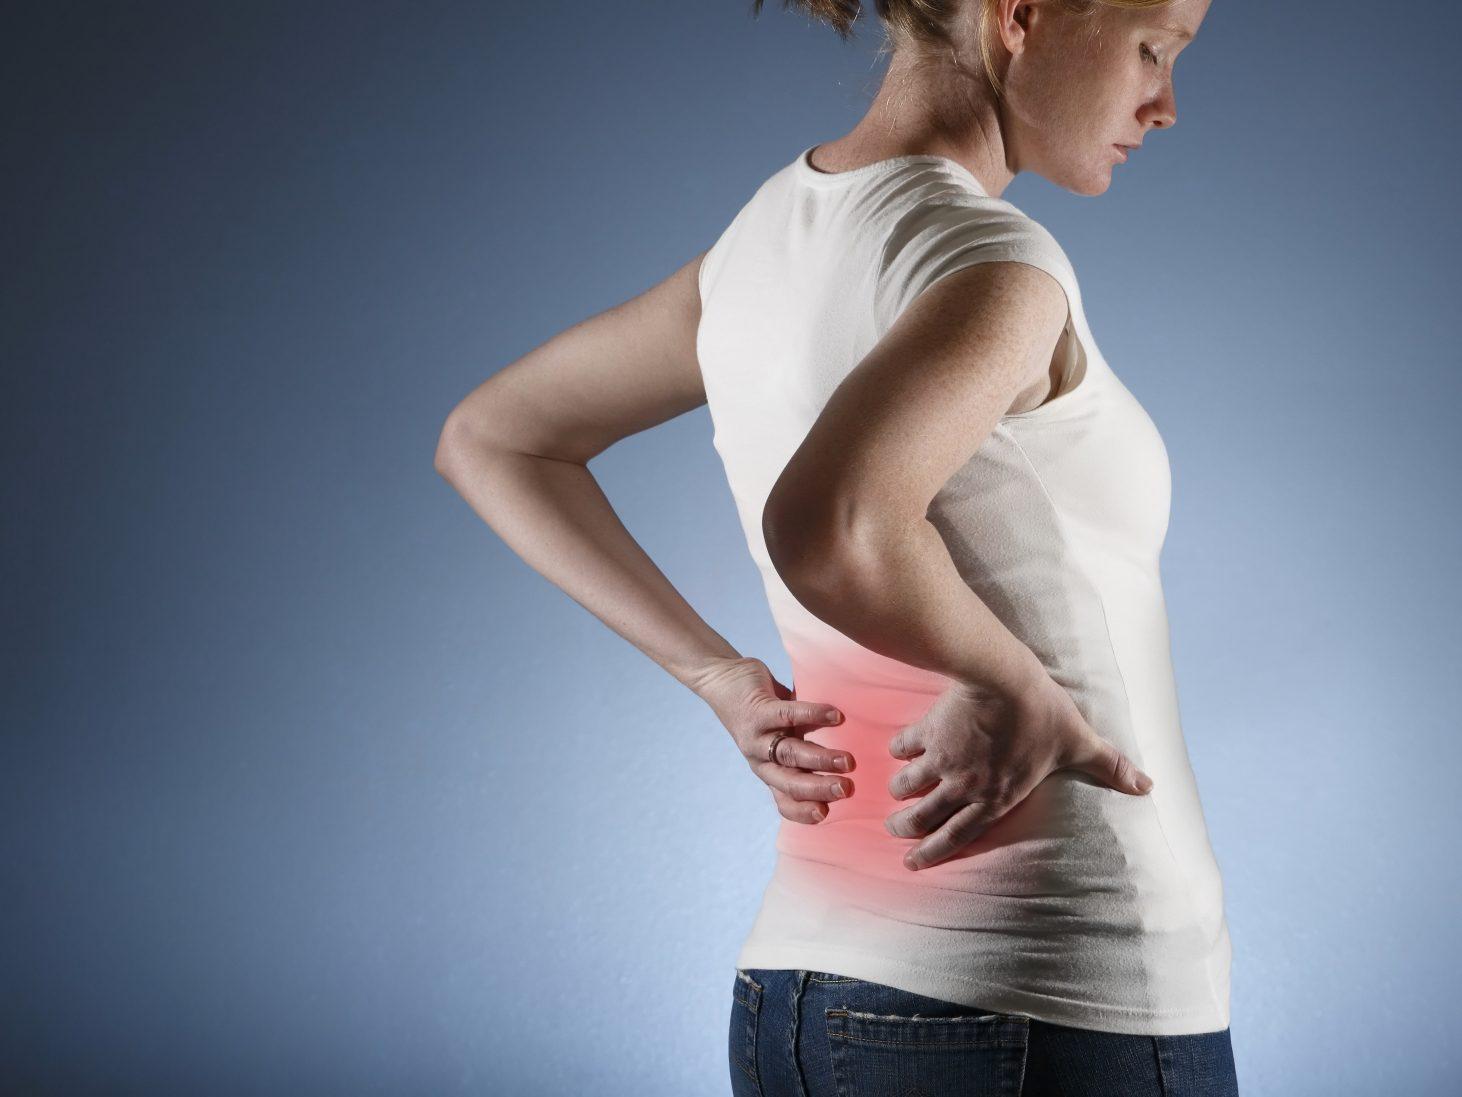 Les IRM pour les maux de dos